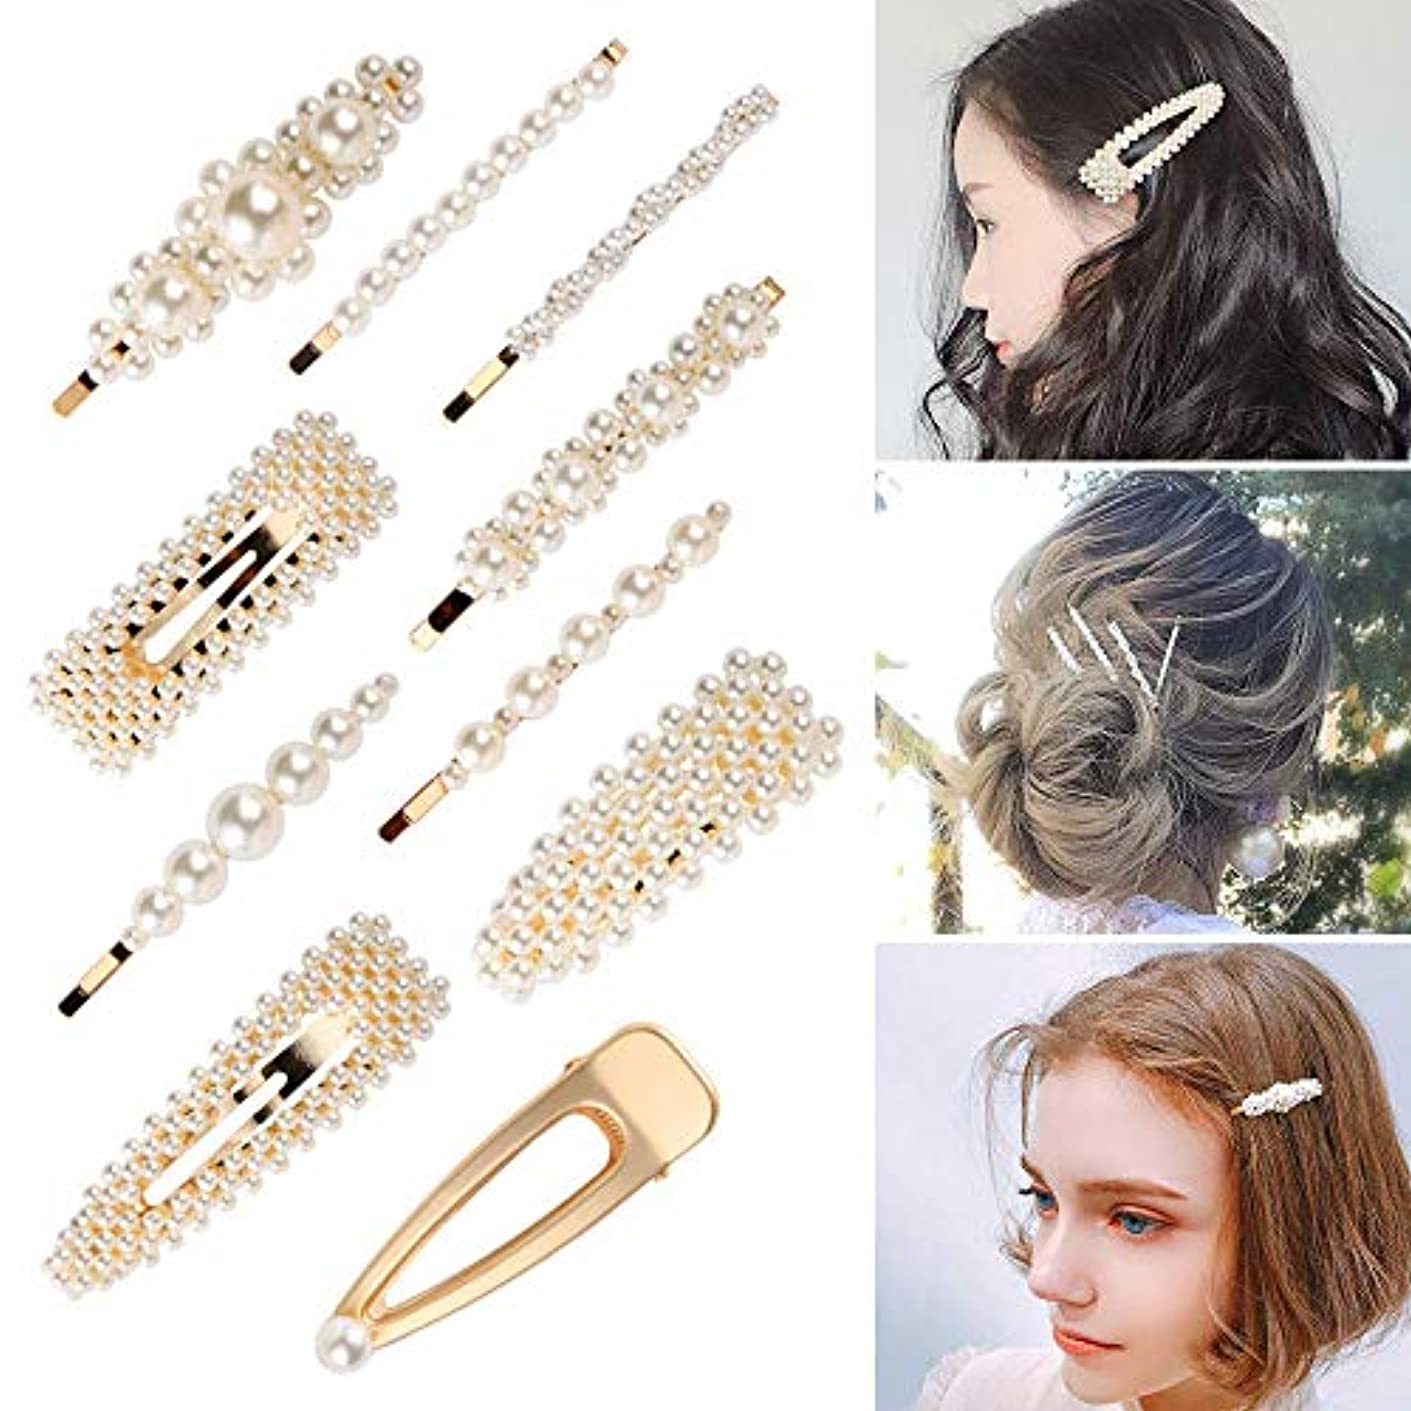 布ブラシレギュラーパール ヘアクリップ ヘアピン ヘアアクセサリー 髪留め 髪飾り 結婚式 卒業式 入学式 パーティ レディース ゴールド 10本セット